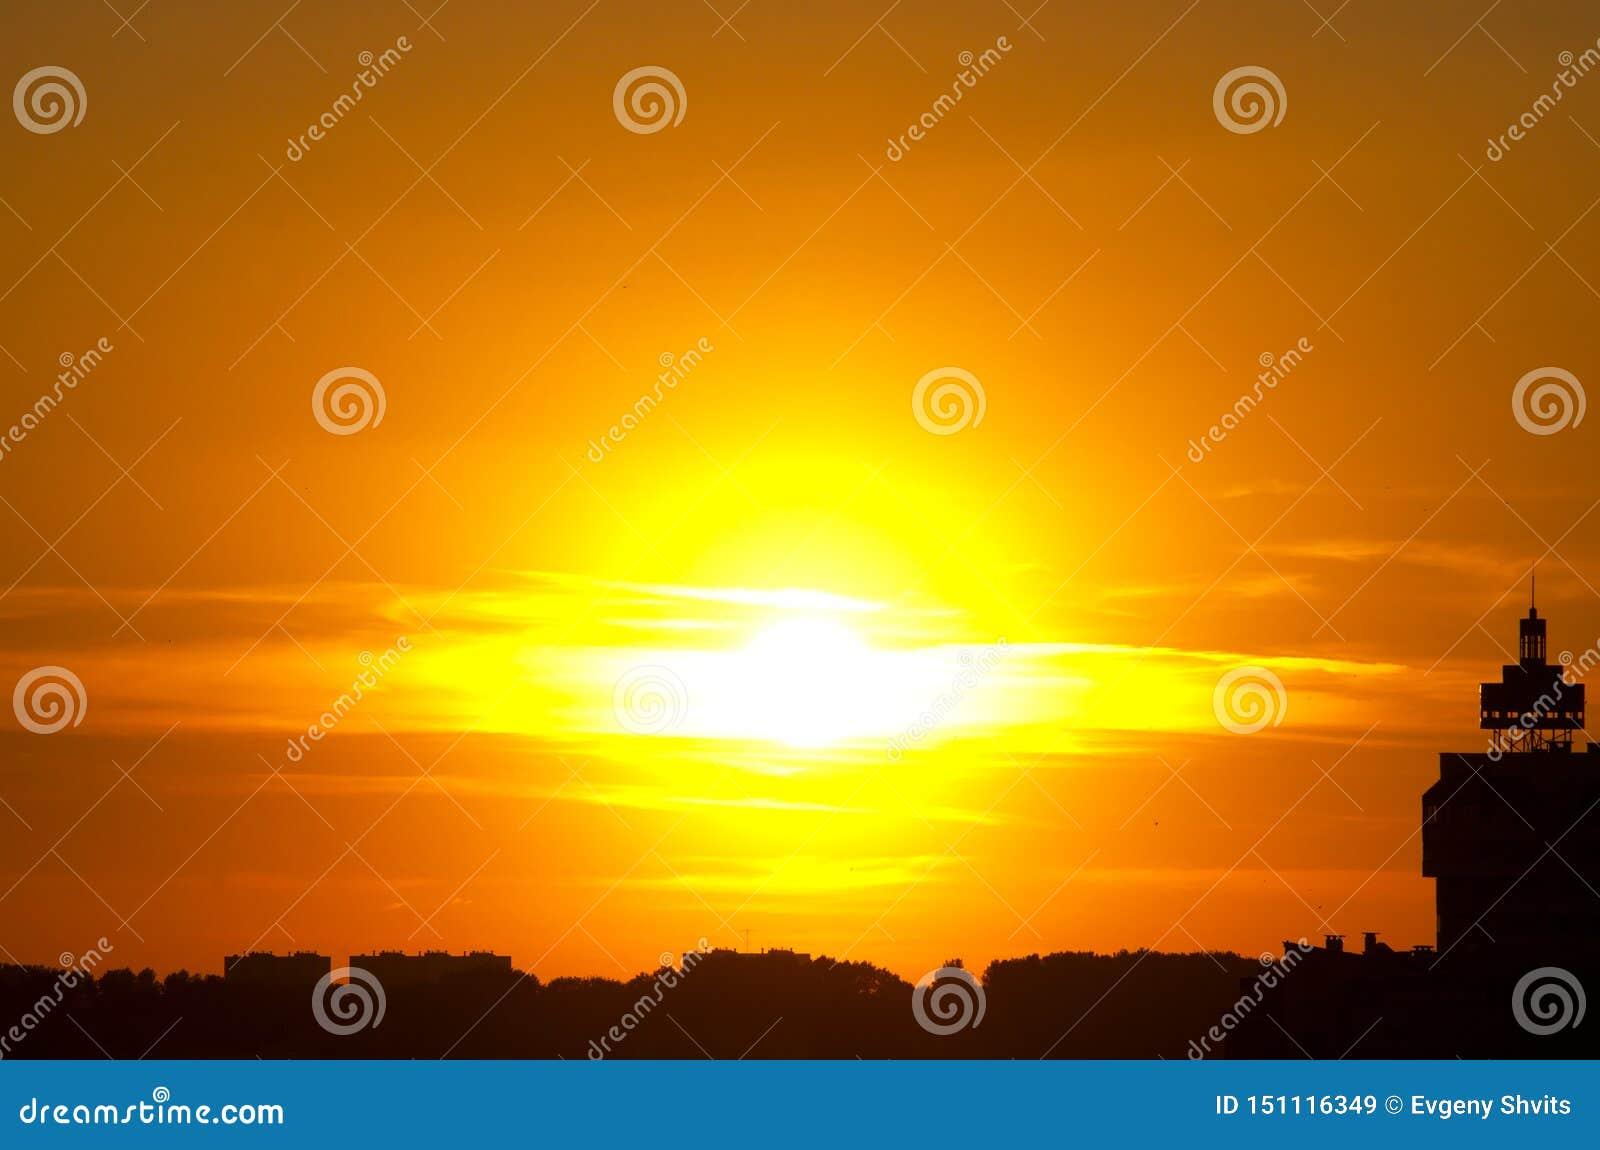 Ráfaga solar de la puesta del sol roja, sol en las nubes, silueta de la ciudad